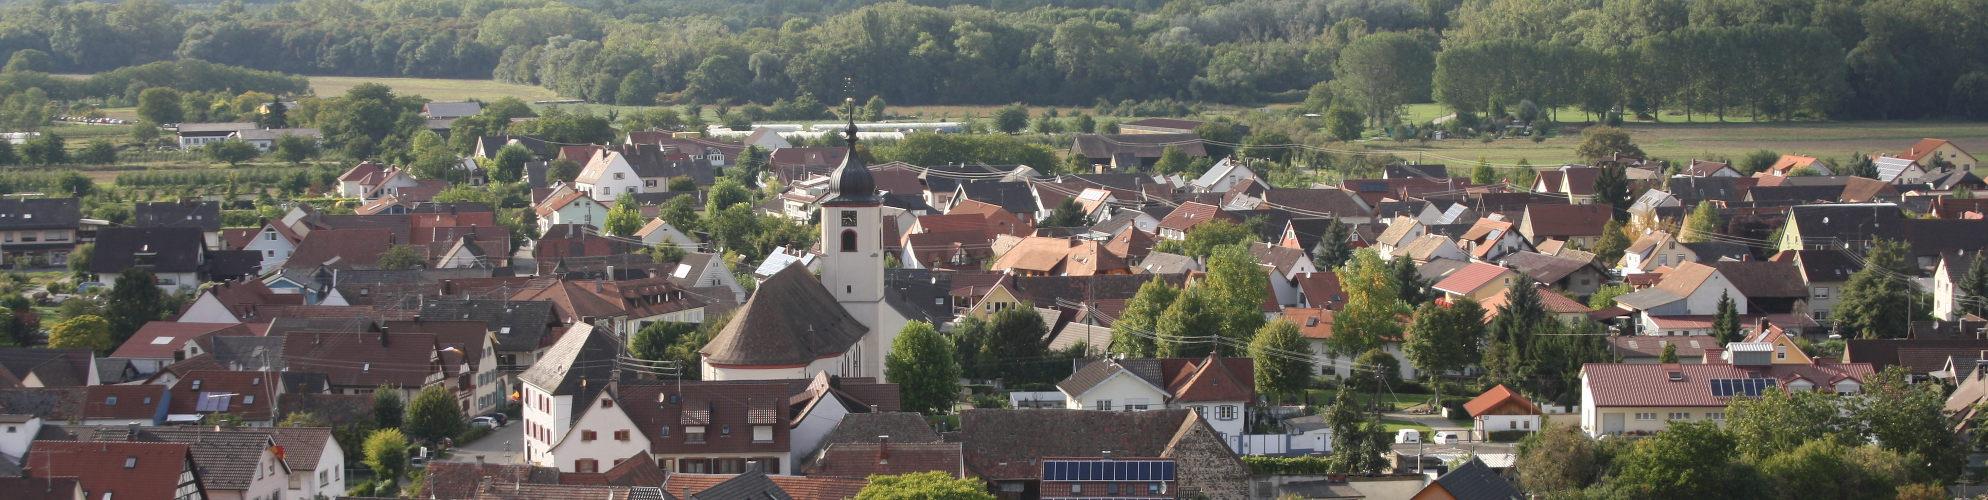 Jechtingen am Kaiserstuhl